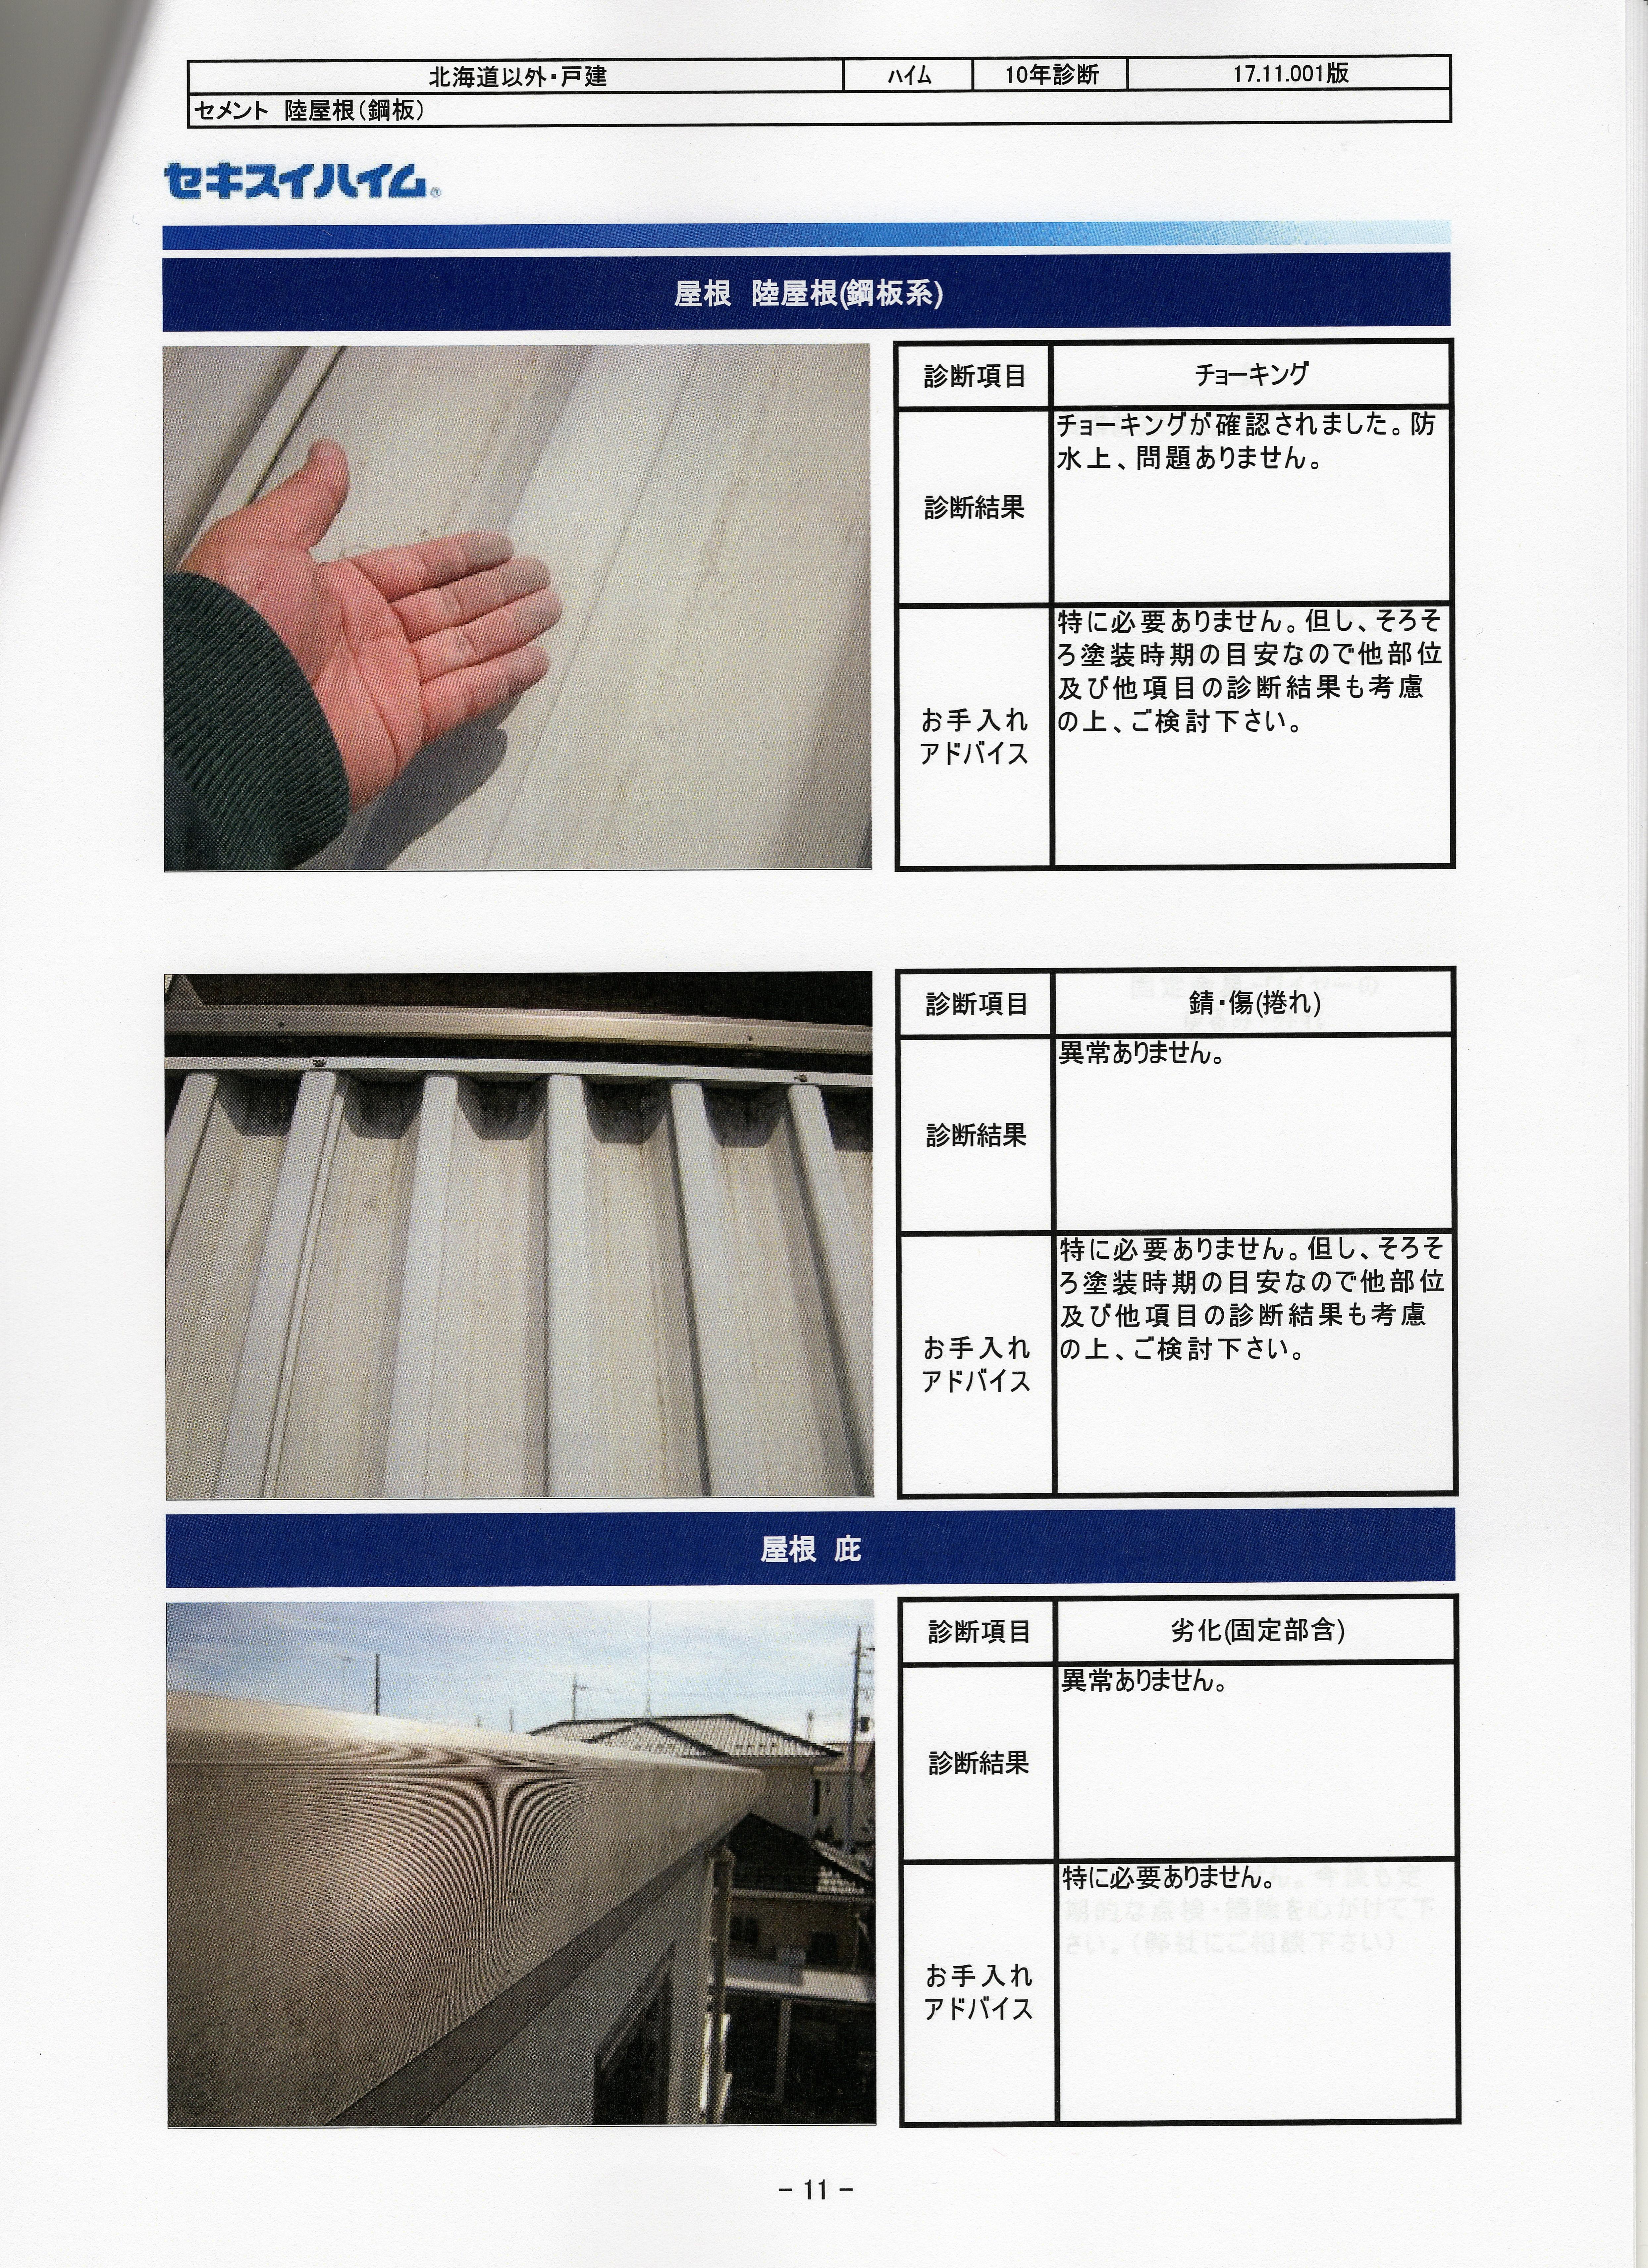 点検報告書(屋根)